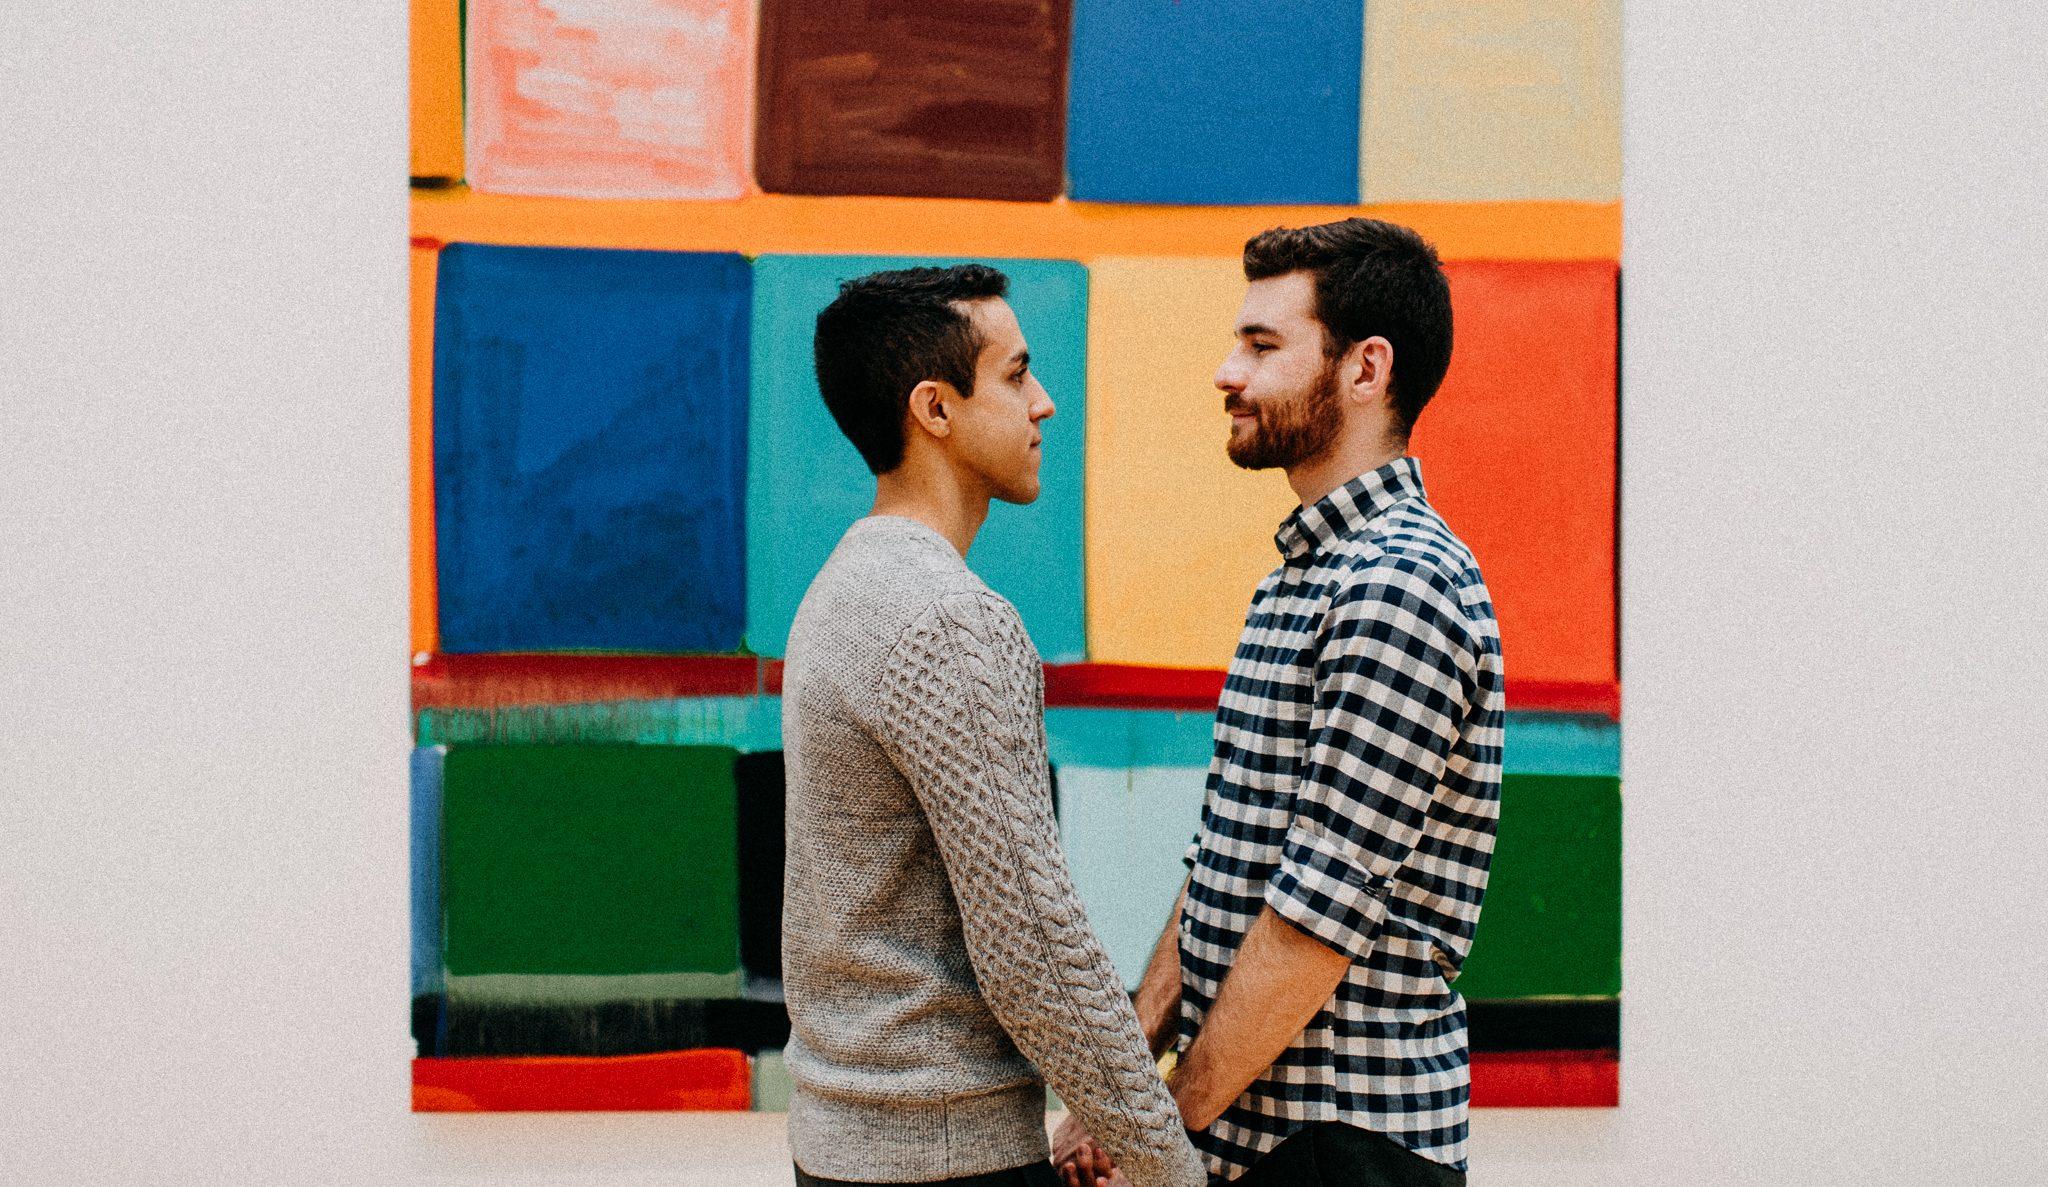 Birleşik Krallık'ın İlk LGBT Müzesi 'Queer Britain' Yakında Açılıyor!